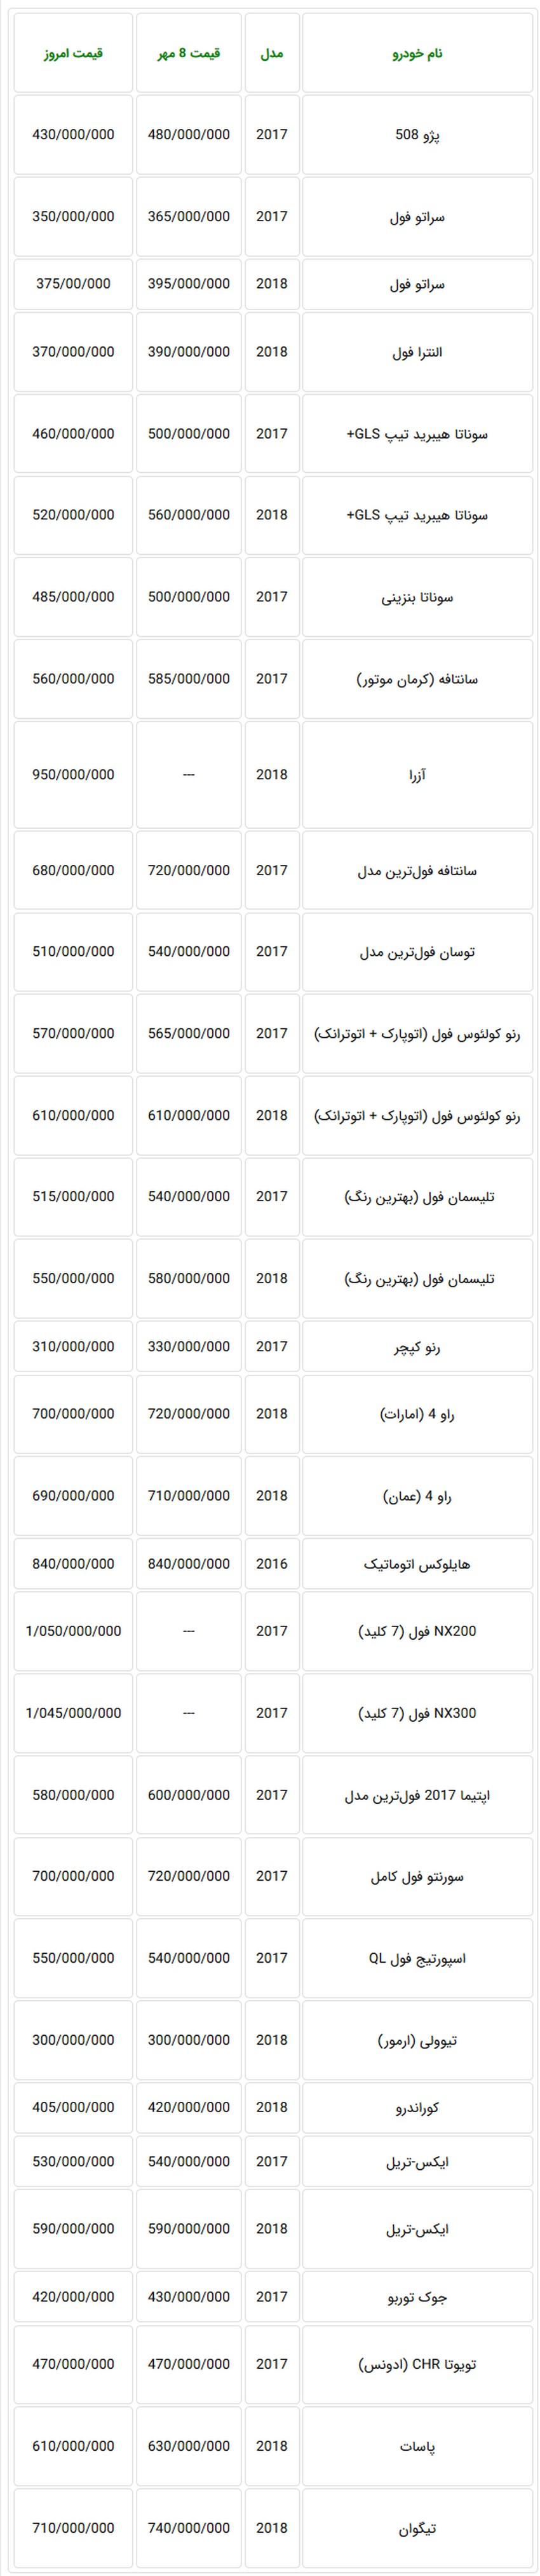 جدول قیمت جدید خودروهای وارداتی در بازار تهران بعد از سقوط دلار